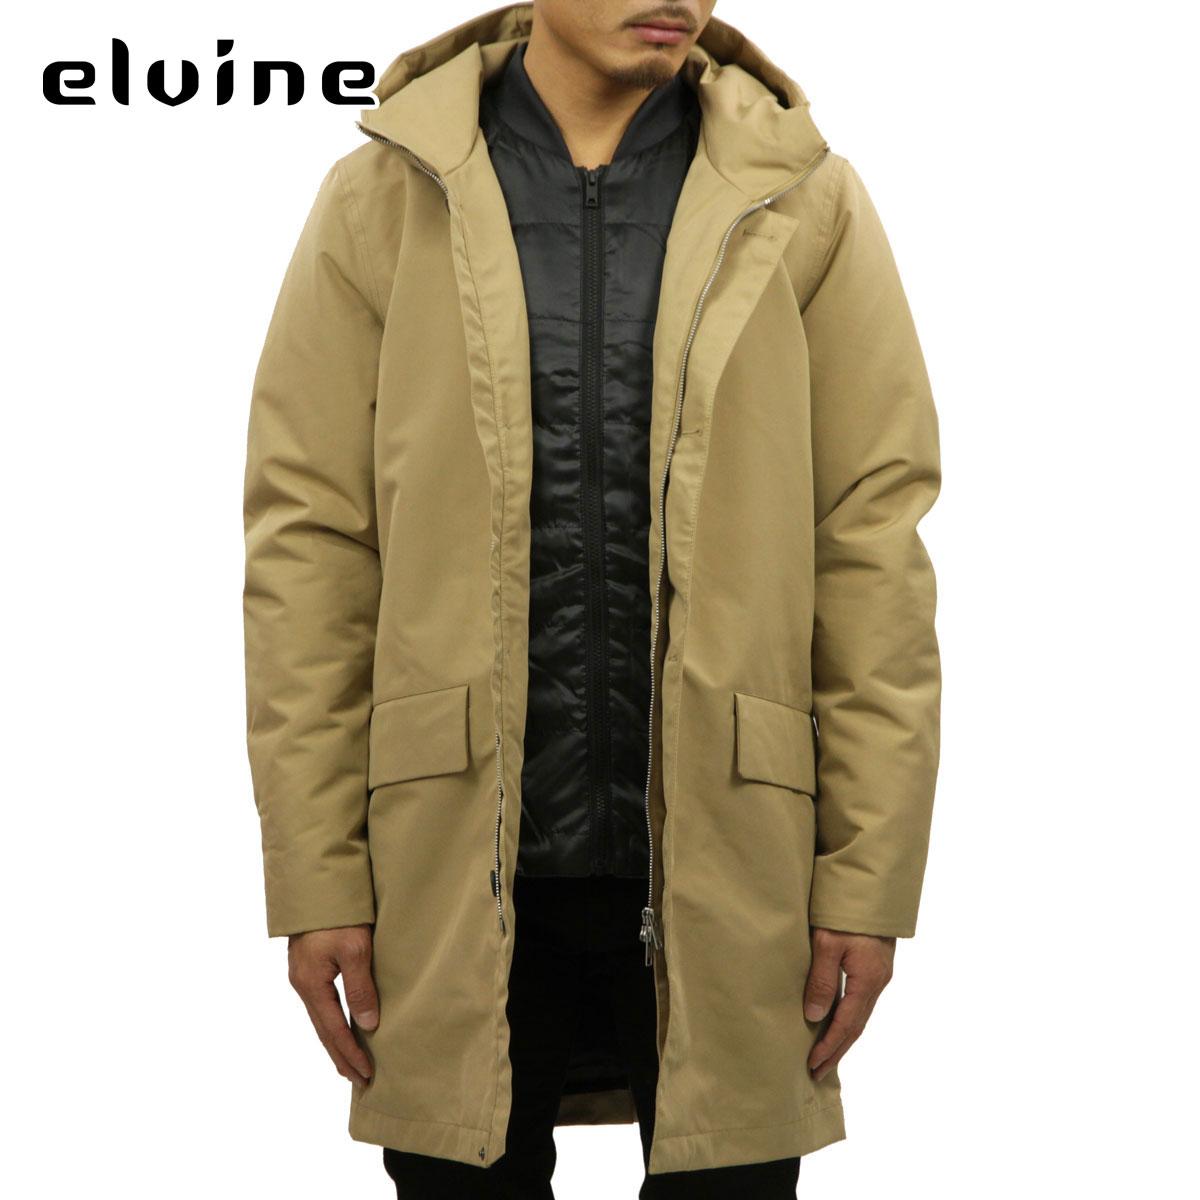 エルバイン elvine 正規販売店 メンズ アウター フードジャケット ELOF THERMOSOFT LONG JACKET 183019 CAMEL